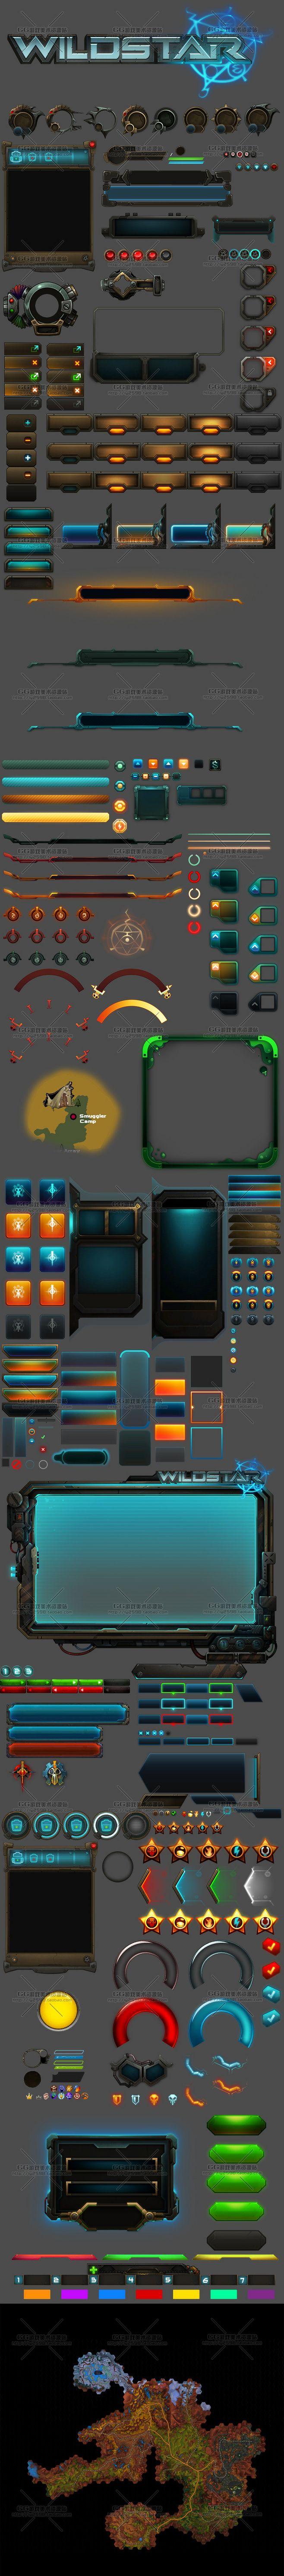 荒野星球Wildstar 欧美机械科幻/...@养精蓄锐采集到游戏UI(6530图)_花瓣UI/UX